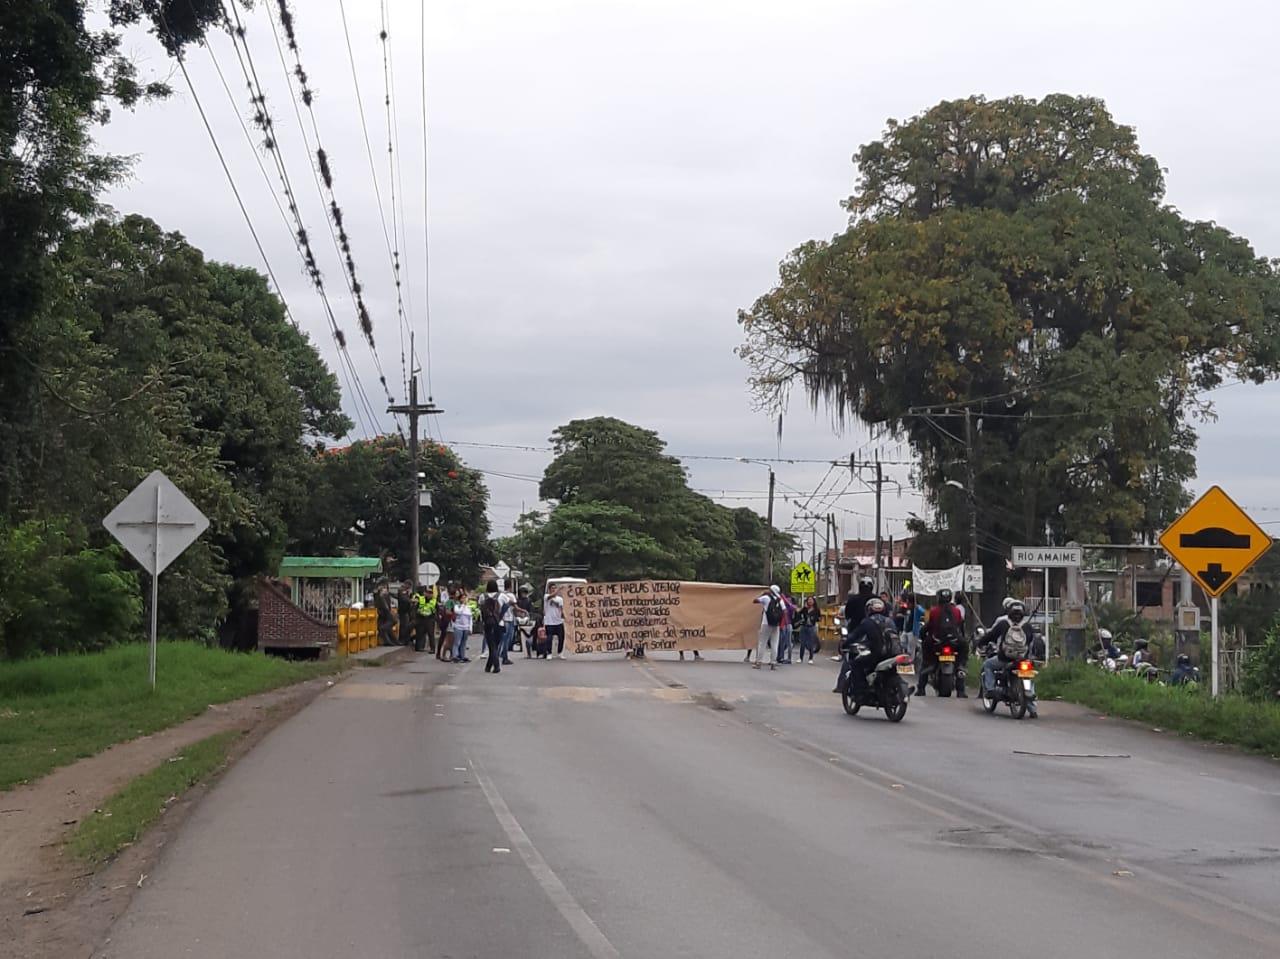 Continúan movilizaciones por paro nacional en Colombia